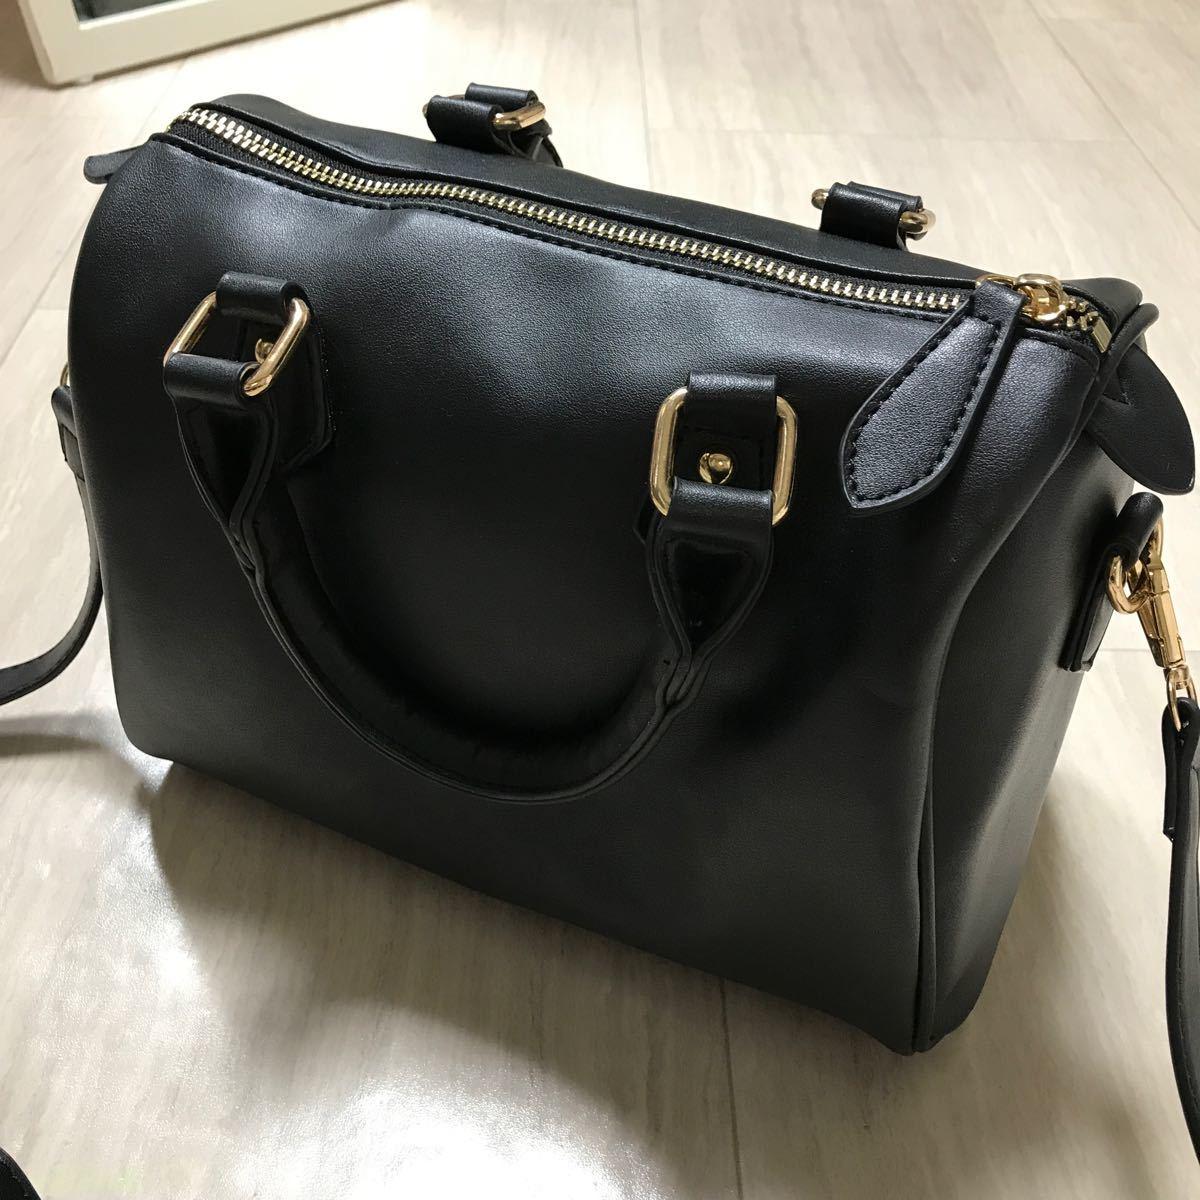 バッグ レディース 鞄 かばん カバン ショルダーバッグ 斜めがけ ハンドバッグ トート A5 フェイクレザーボストンバッグ